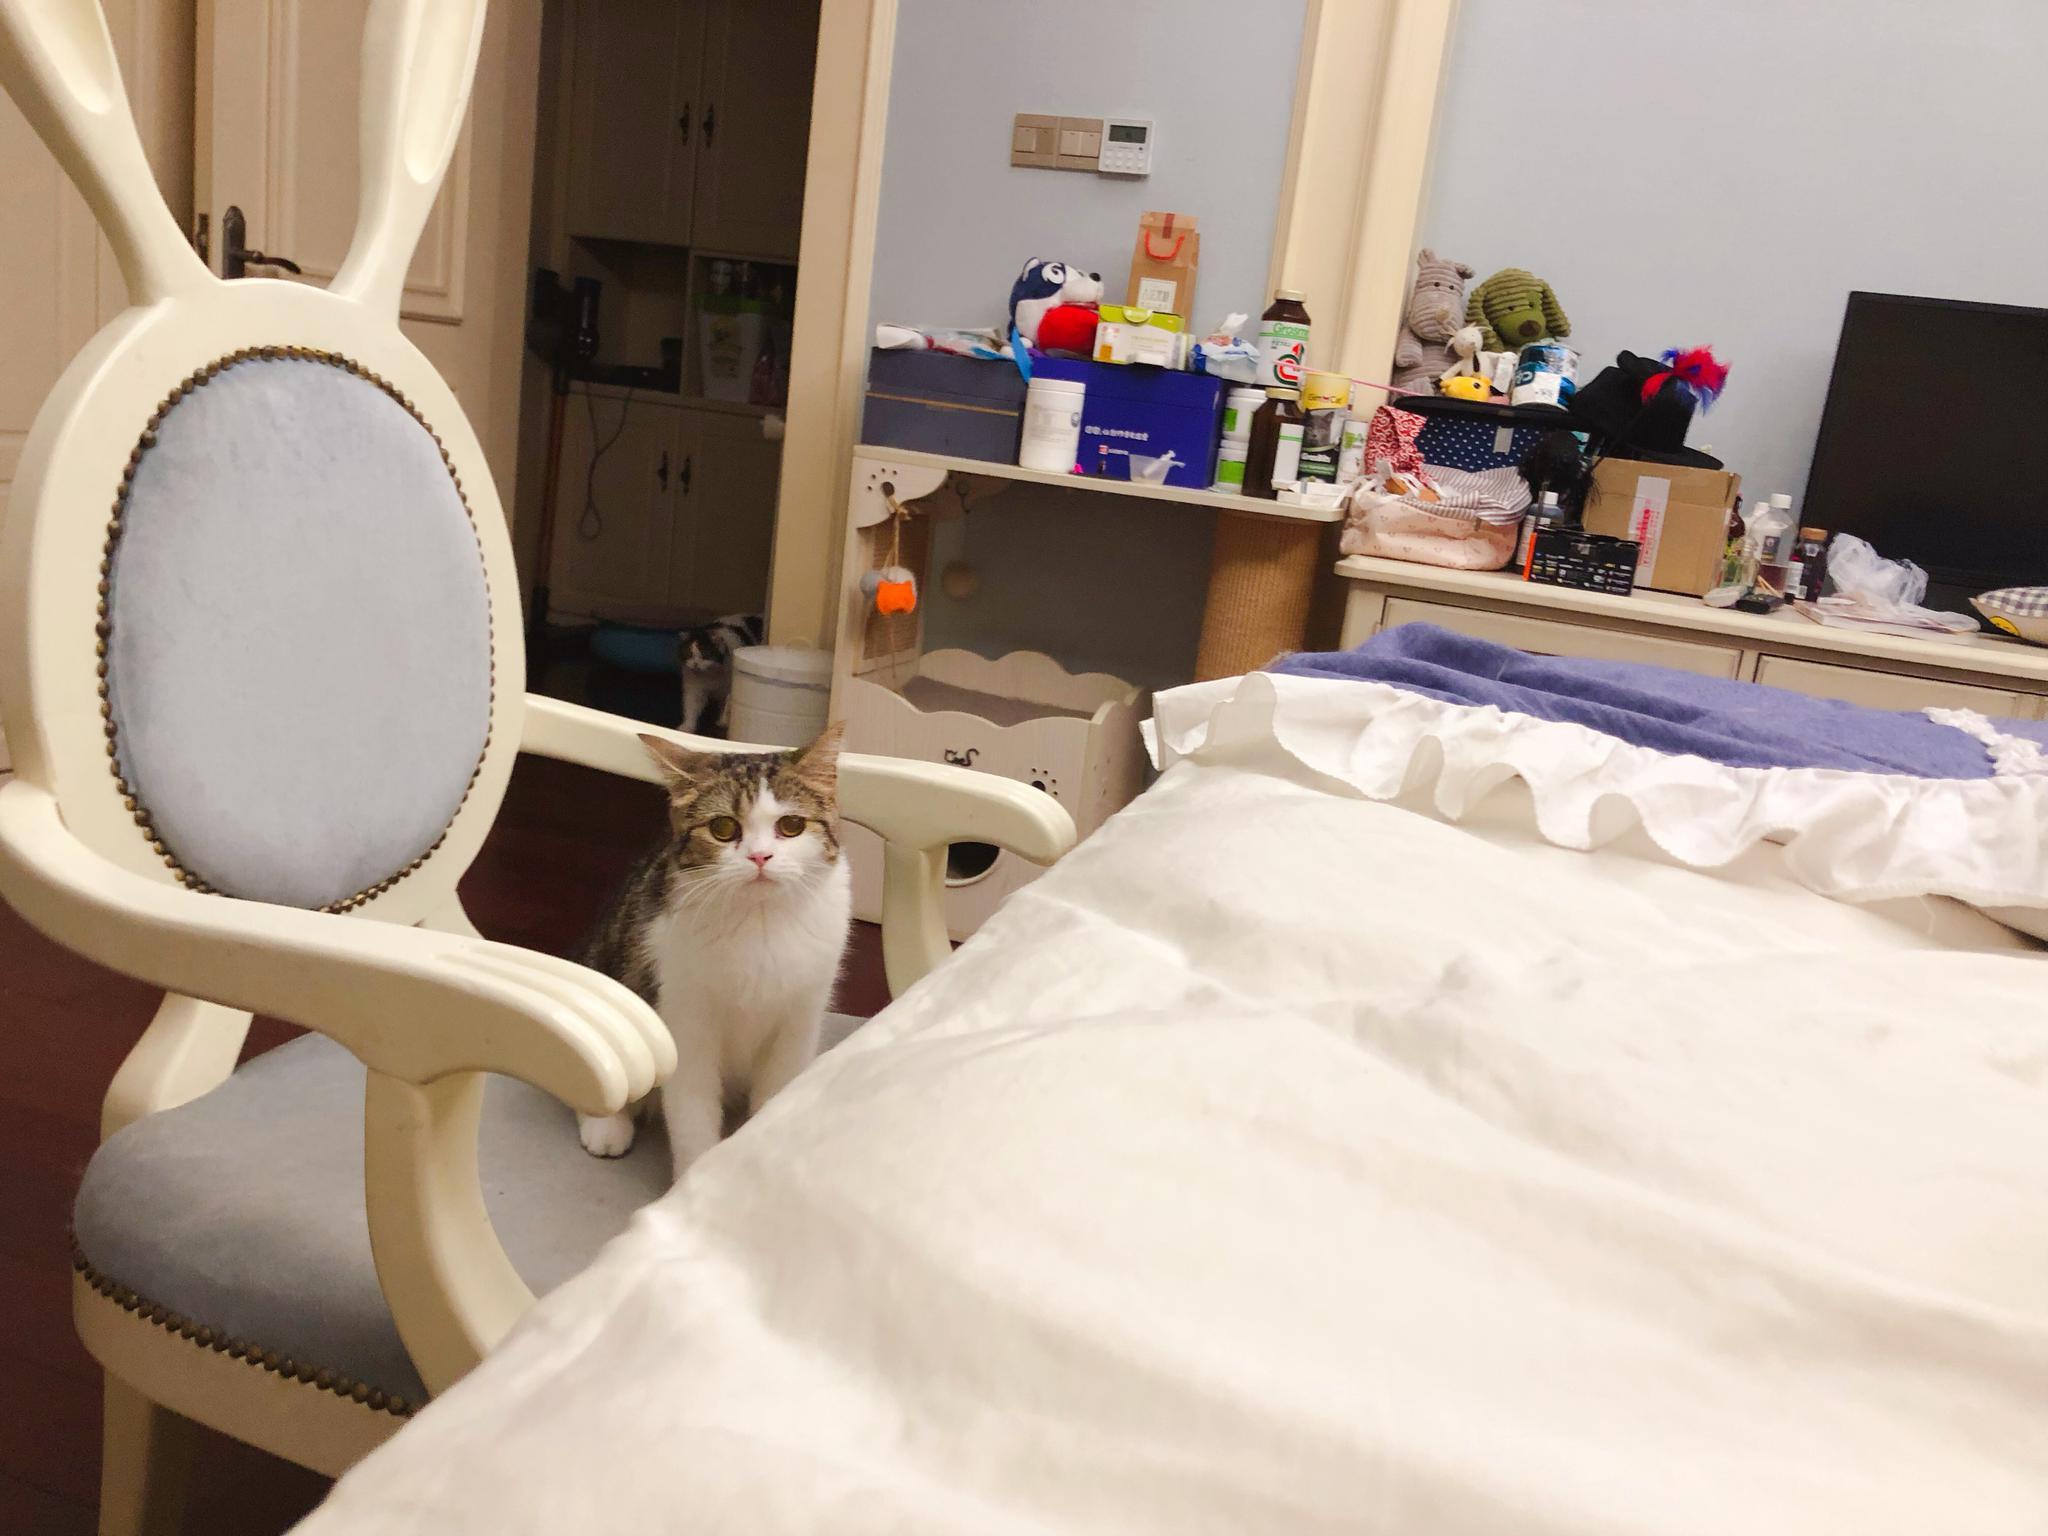 跟帅哥美女@花花与三猫CatLive @喵来啦 @蒂姆嘟嘟Tim @香香软软的小